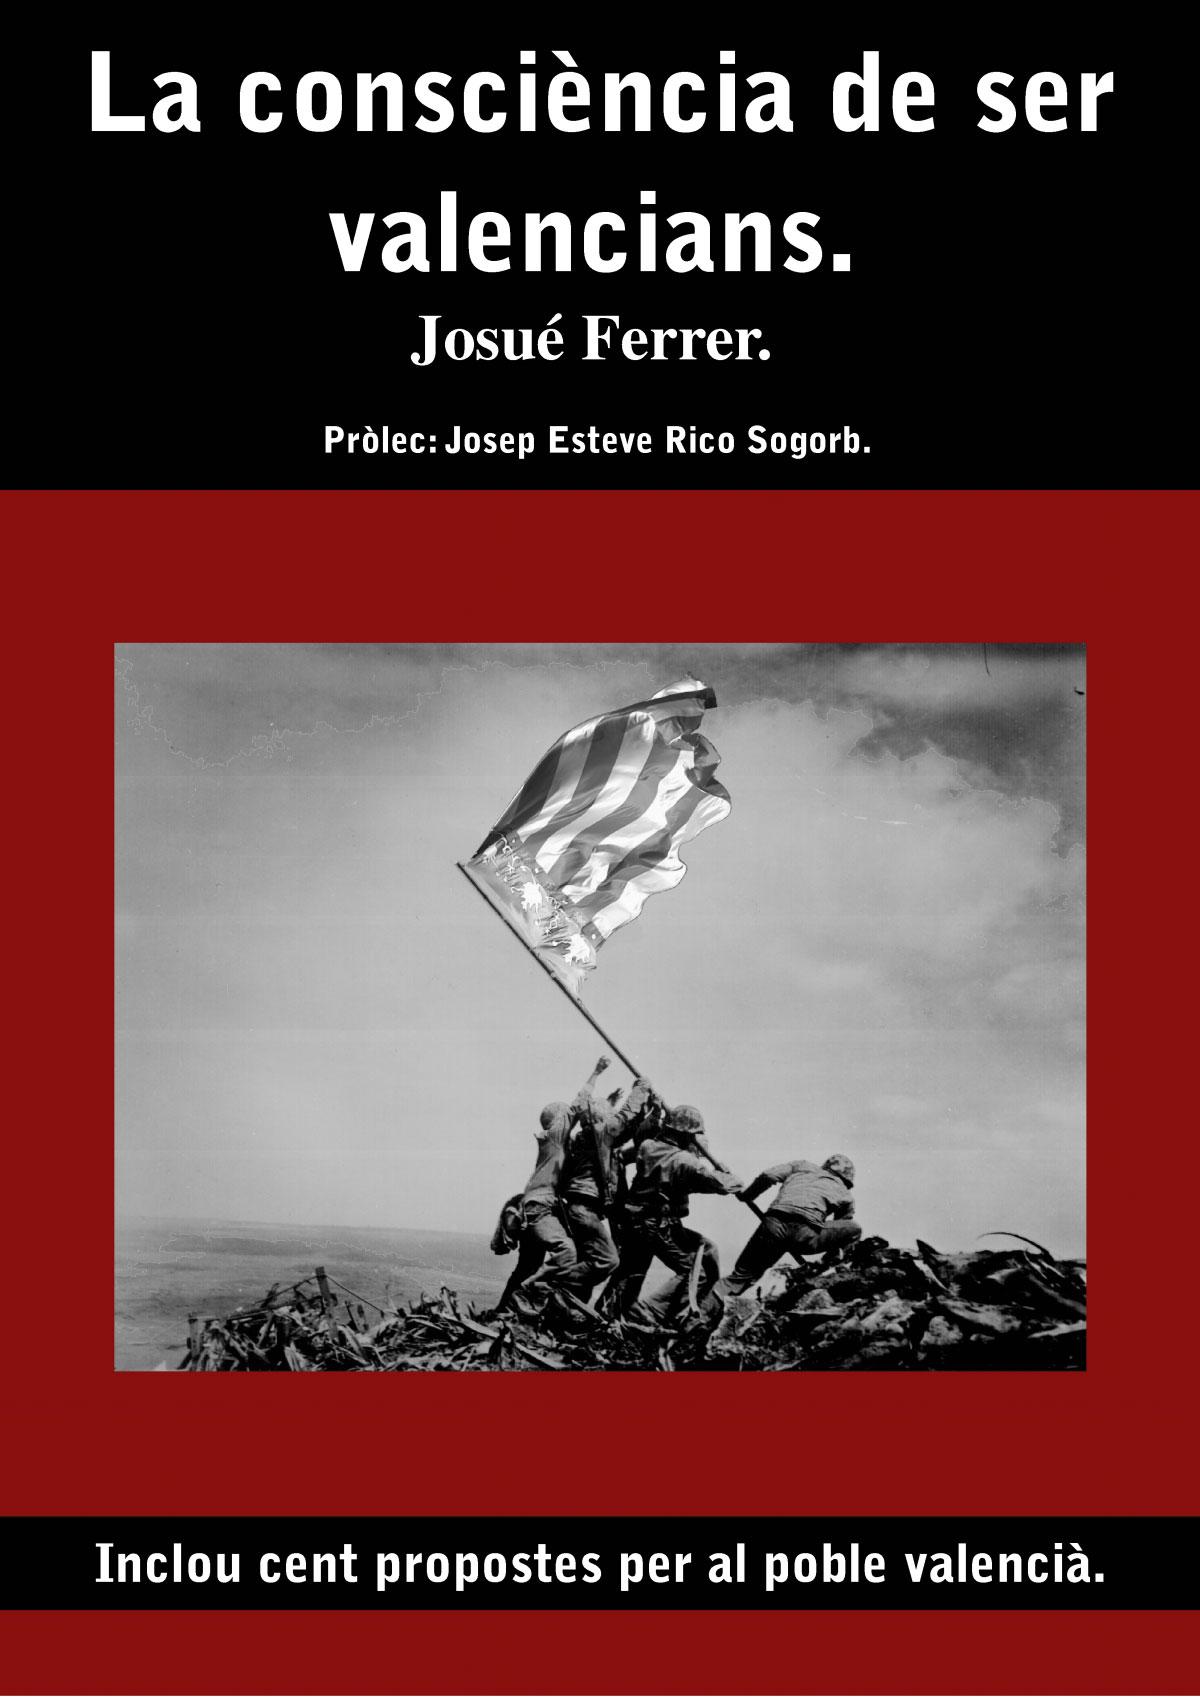 Portada del libro de José Ferrer. FOTO EPDA